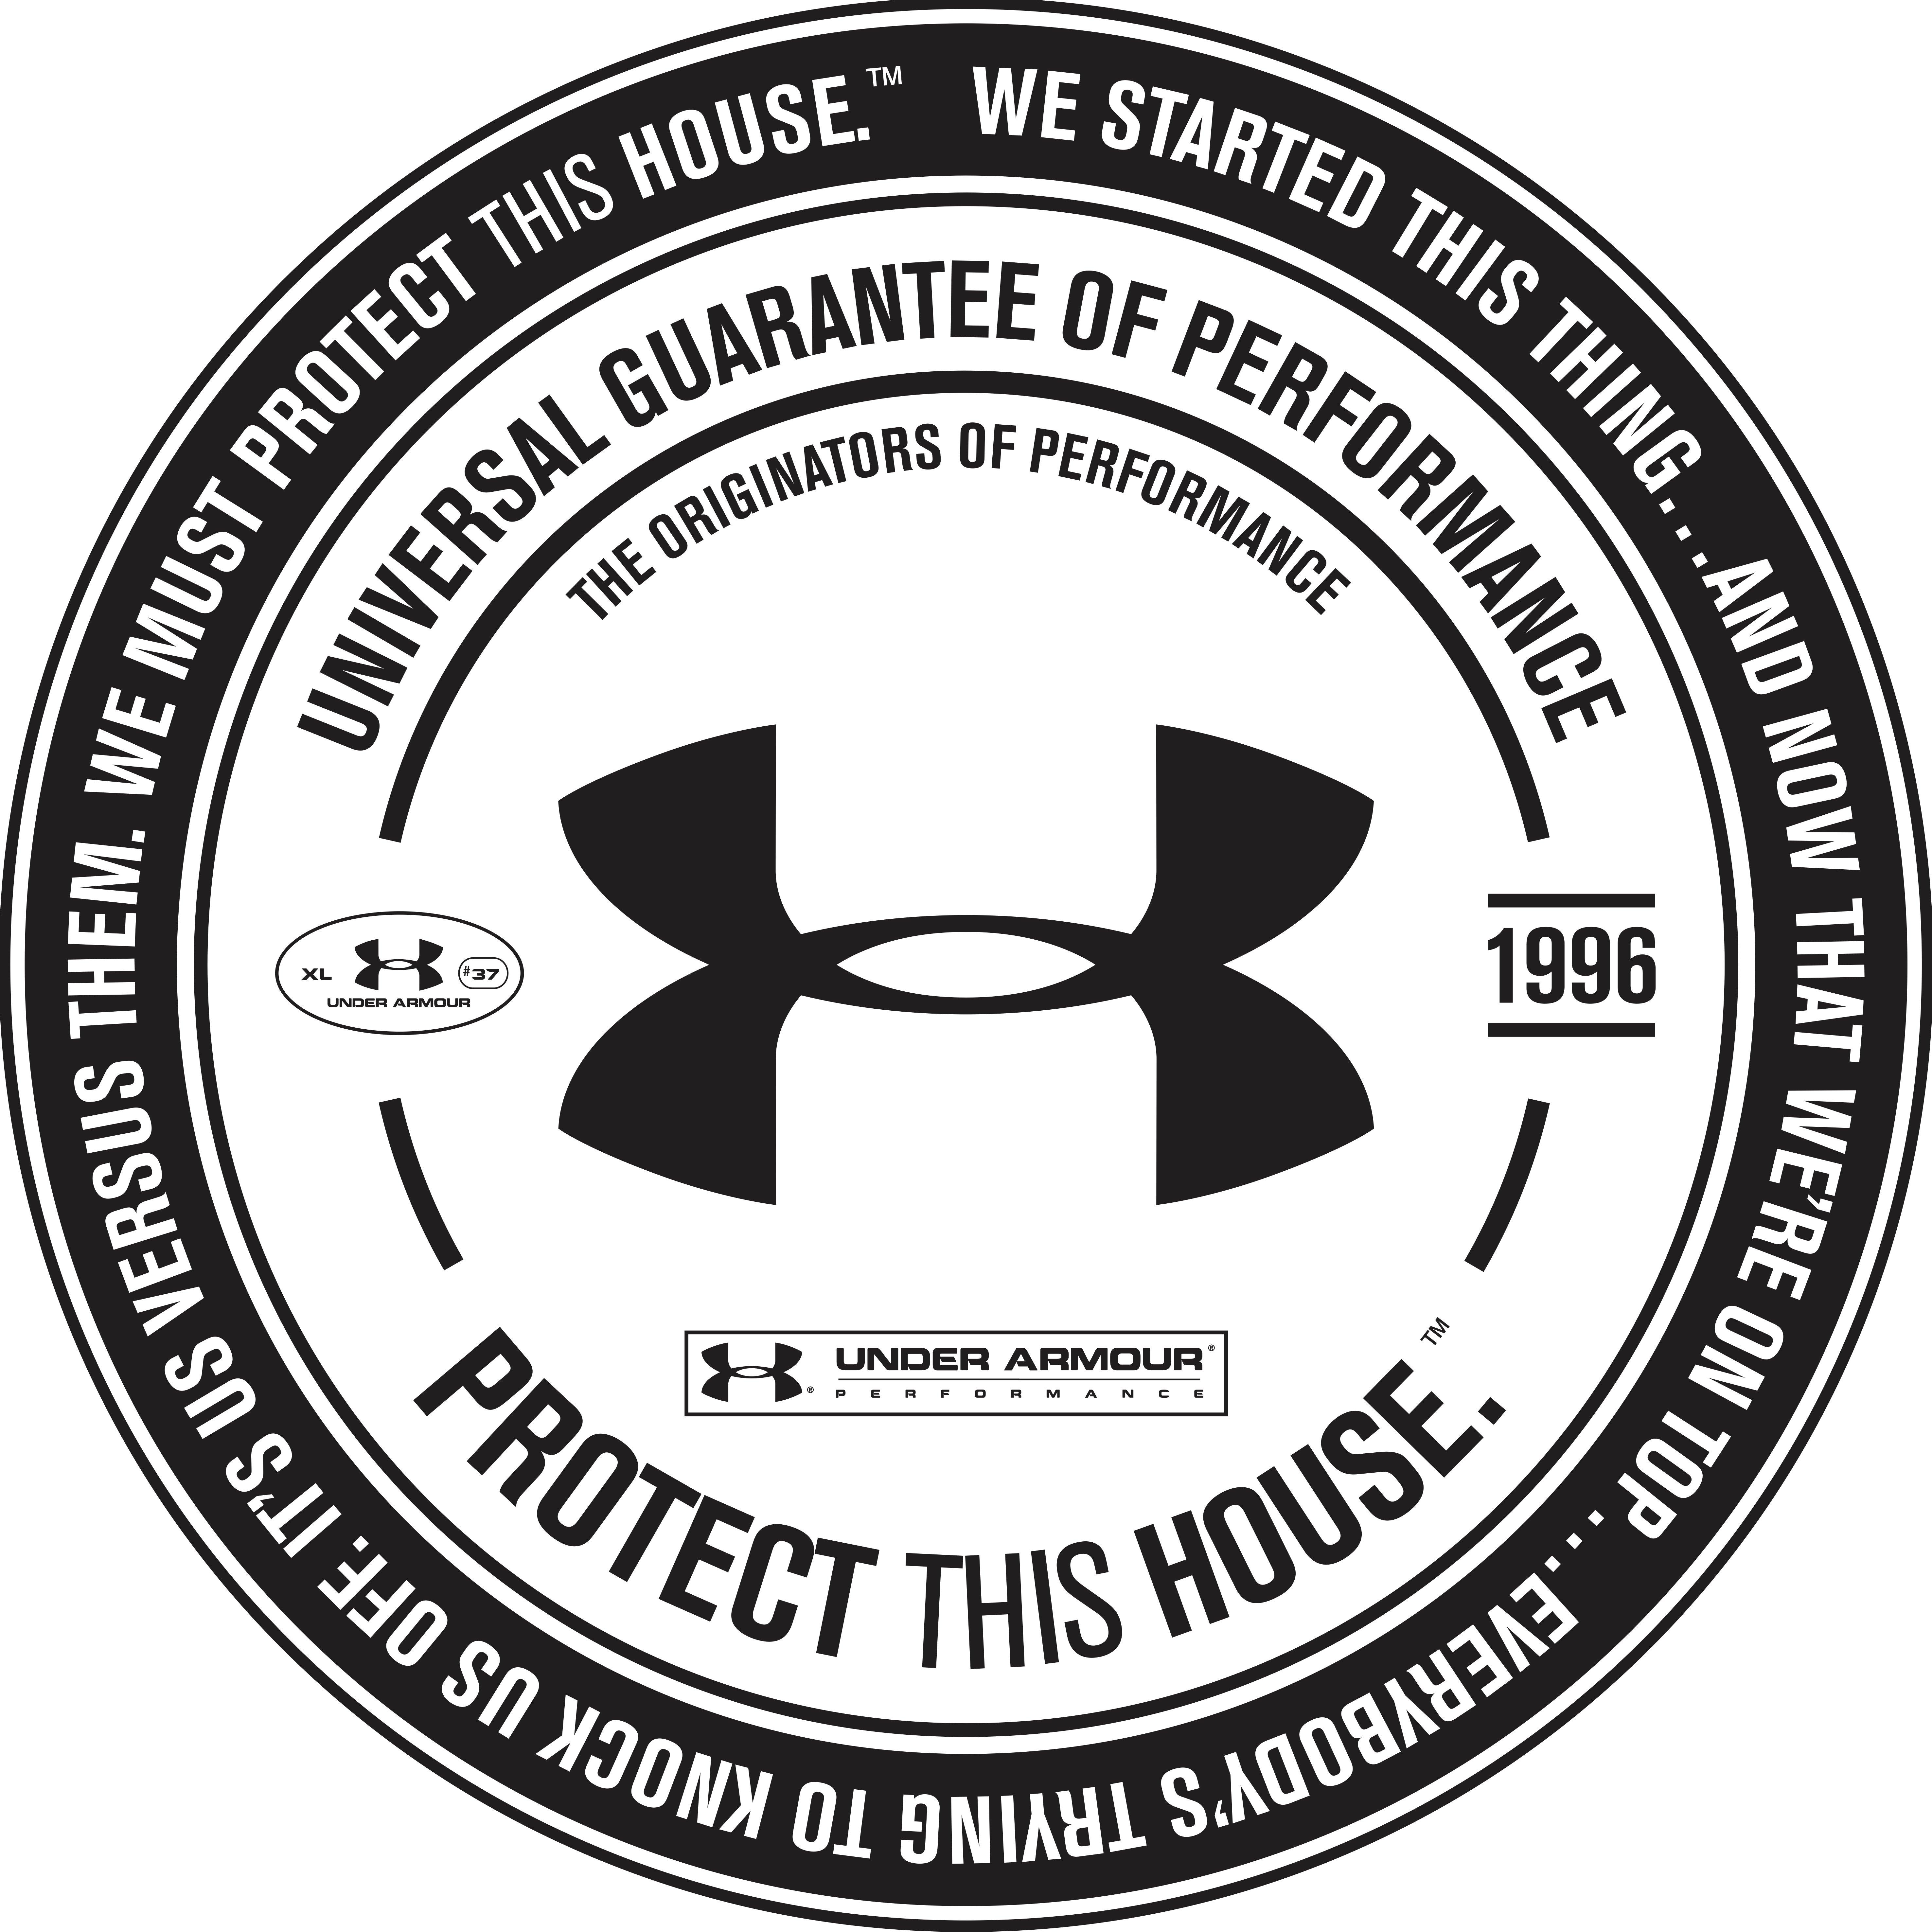 ugop logo